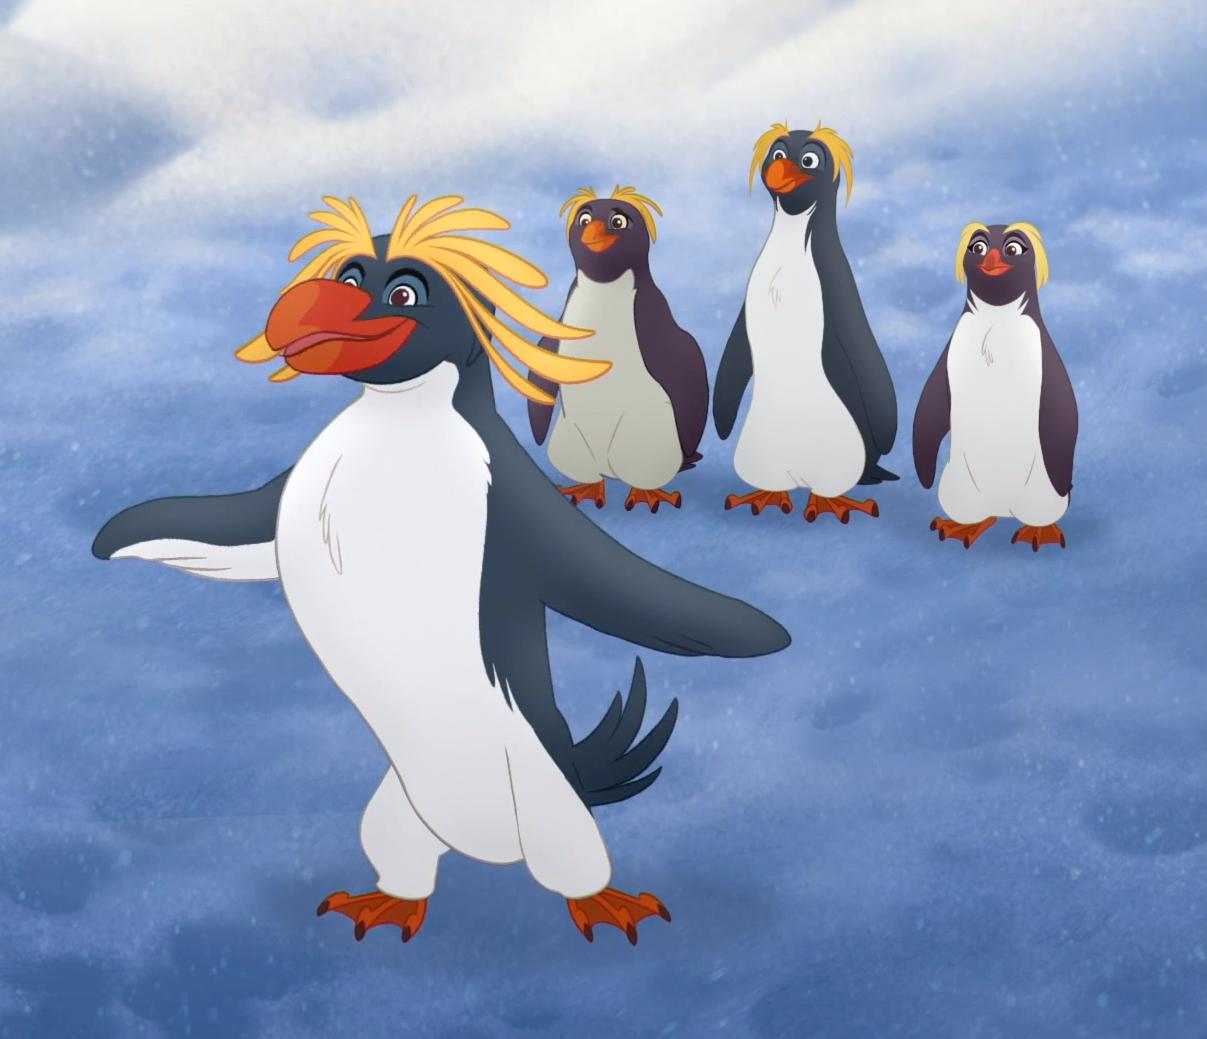 Pinguino's rookery